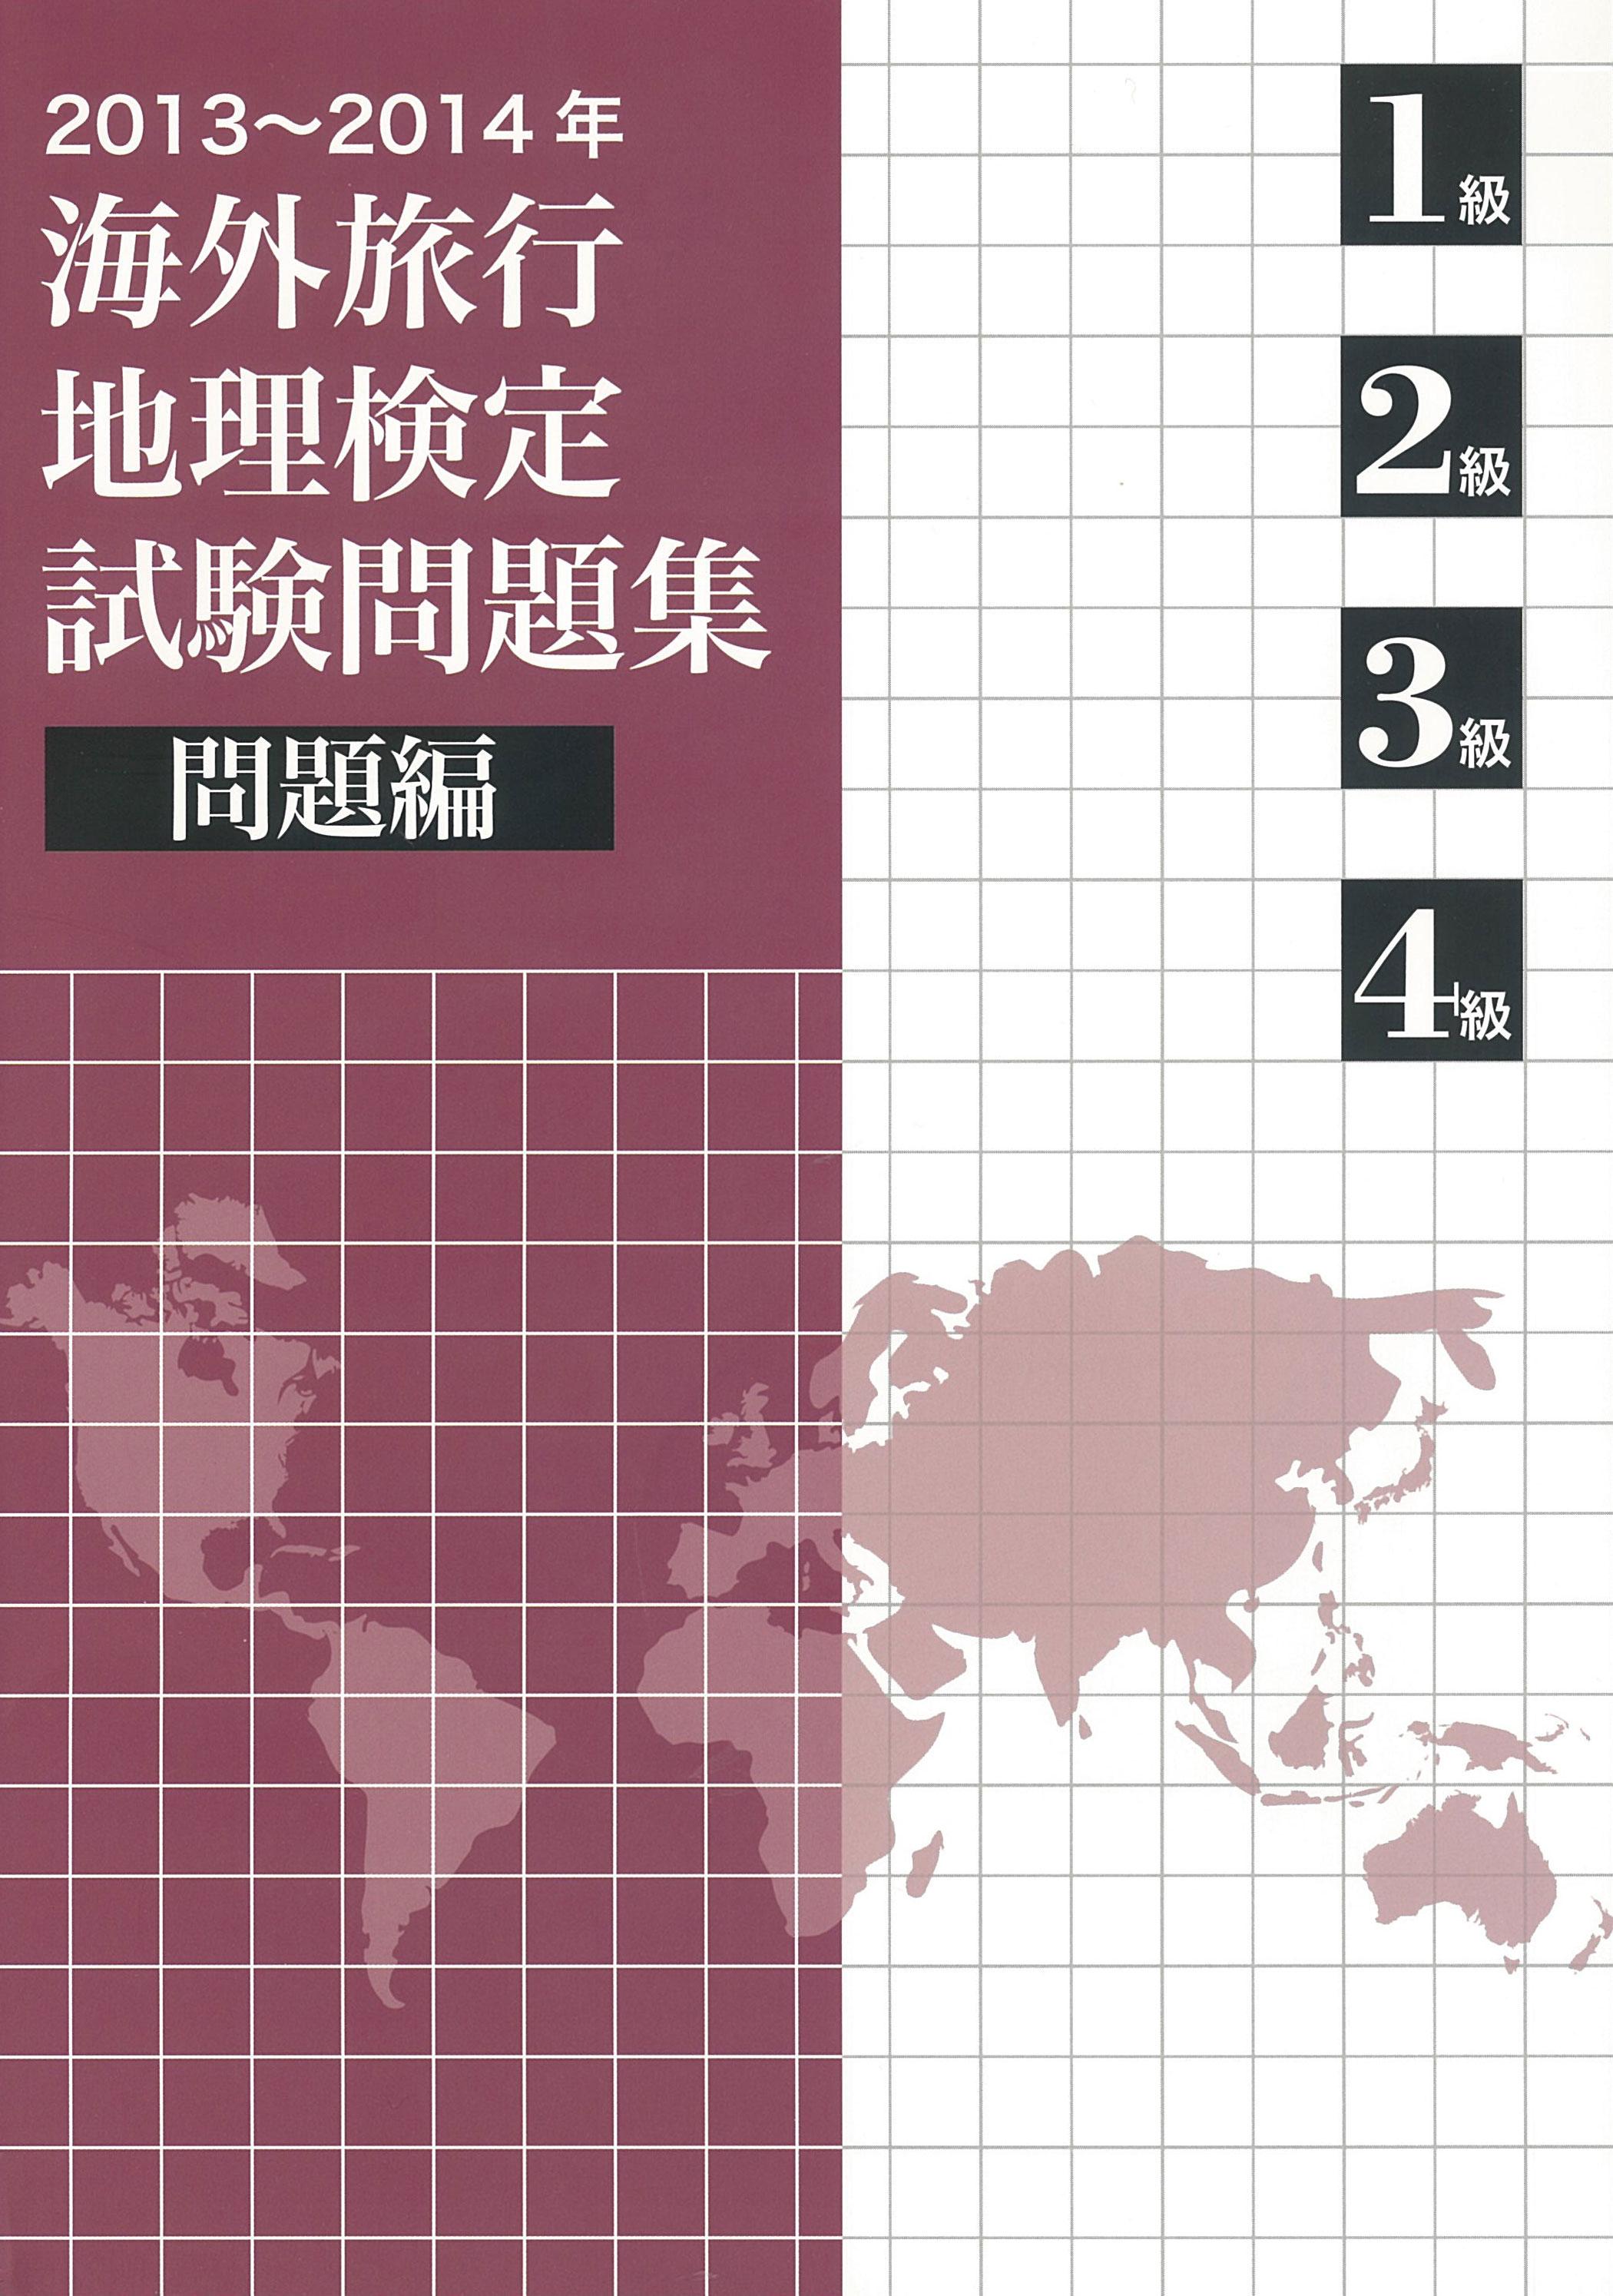 2013-2014年版 海外旅行地理検定試験 問題集